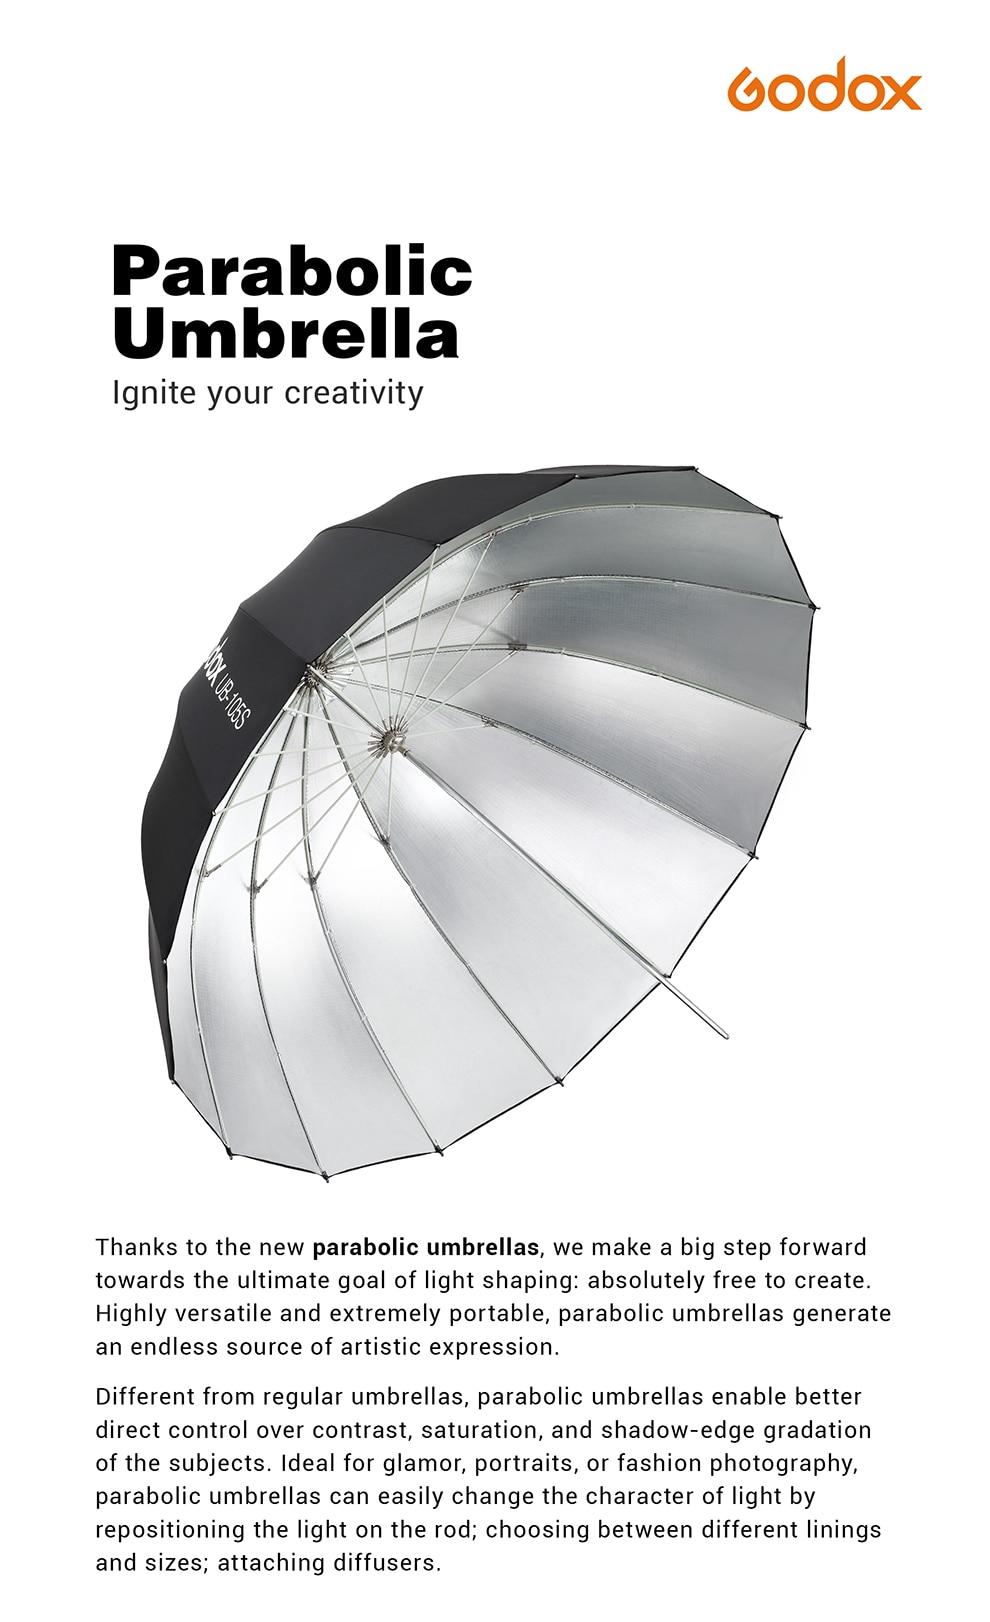 抛物线反光伞-Newsletter-20200720(1)_01